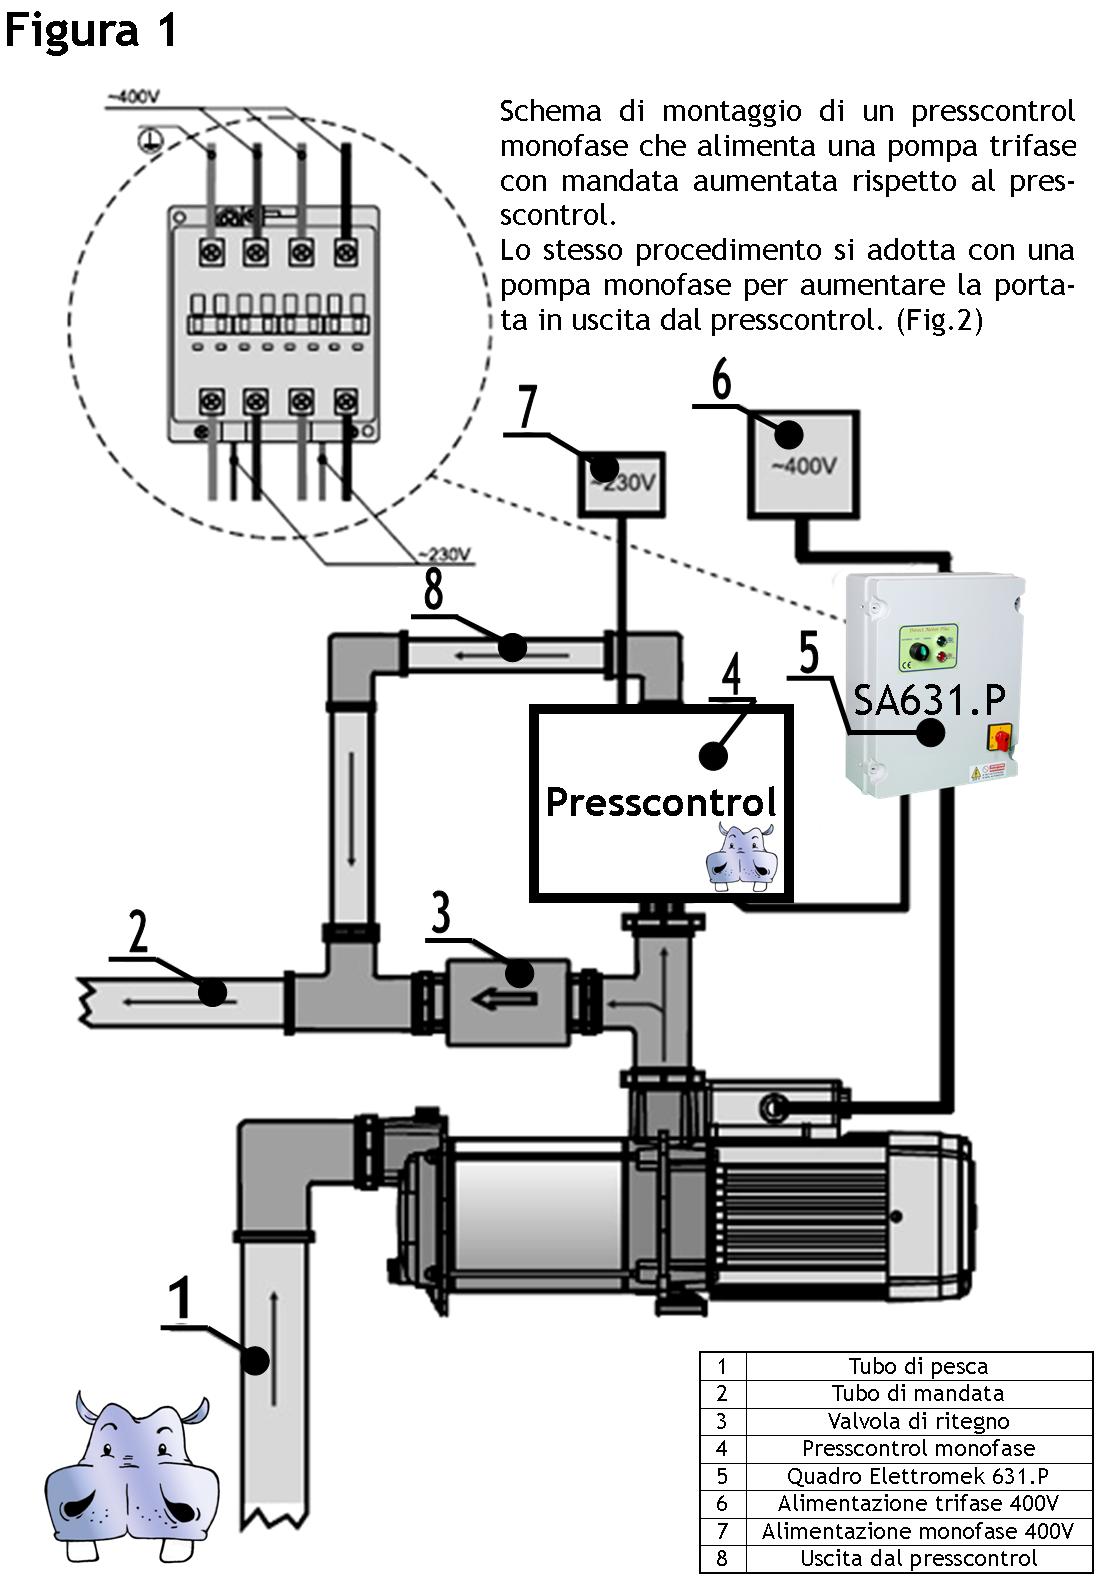 Schemi Quadri Elettrici Per Pompe Sommerse : Pos direct motor plus v t sa p quadri